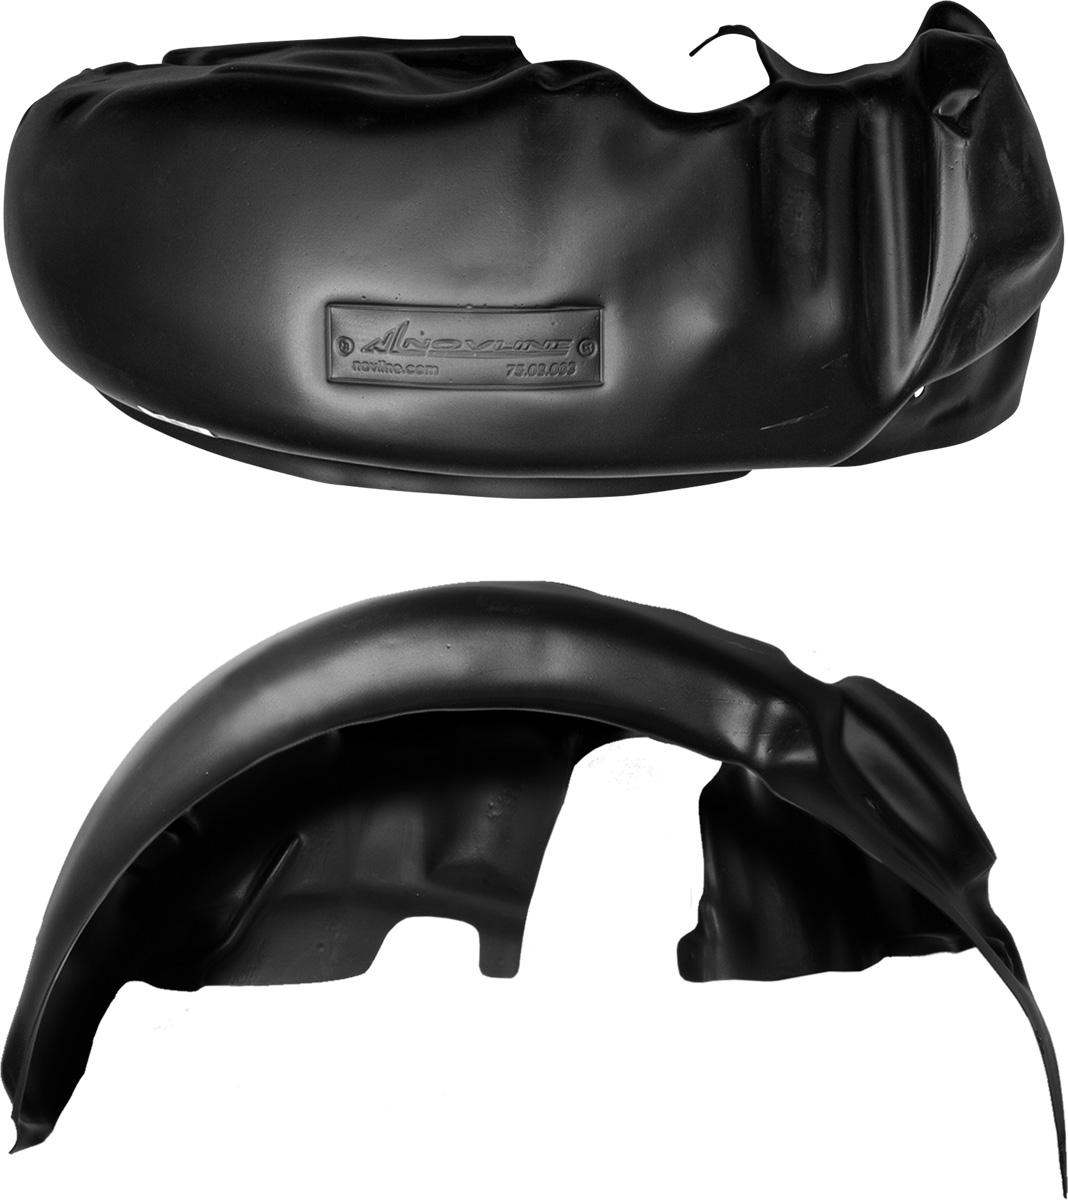 Подкрылок Novline-Autofamily, для Lada Vesta, 2015 ->, седан, без штатного войлока, задний правыйNLL.52.33.004Колесные ниши - одни из самых уязвимых зон днища вашего автомобиля. Они постоянно подвергаются воздействию со стороны дороги. Лучшая, почти абсолютная защита для них - специально отформованные пластиковые кожухи, которые называются подкрылками. Производятся они как для отечественных моделей автомобилей, так и для иномарок. Подкрылки Novline-Autofamily выполнены из высококачественного, экологически чистого пластика. Обеспечивают надежную защиту кузова автомобиля от пескоструйного эффекта и негативного влияния, агрессивных антигололедных реагентов. Пластик обладает более низкой теплопроводностью, чем металл, поэтому в зимний период эксплуатации использование пластиковых подкрылков позволяет лучше защитить колесные ниши от налипания снега и образования наледи. Оригинальность конструкции подчеркивает элегантность автомобиля, бережно защищает нанесенное на днище кузова антикоррозийное покрытие и позволяет осуществить крепление подкрылков внутри колесной арки практически без дополнительного крепежа и сверления, не нарушая при этом лакокрасочного покрытия, что предотвращает возникновение новых очагов коррозии. Подкрылки долговечны, обладают высокой прочностью и сохраняют заданную форму, а также все свои физико-механические характеристики в самых тяжелых климатических условиях (от -50°С до +50°С).Уважаемые клиенты!Обращаем ваше внимание, на тот факт, что подкрылок имеет форму, соответствующую модели данного автомобиля. Фото служит для визуального восприятия товара.